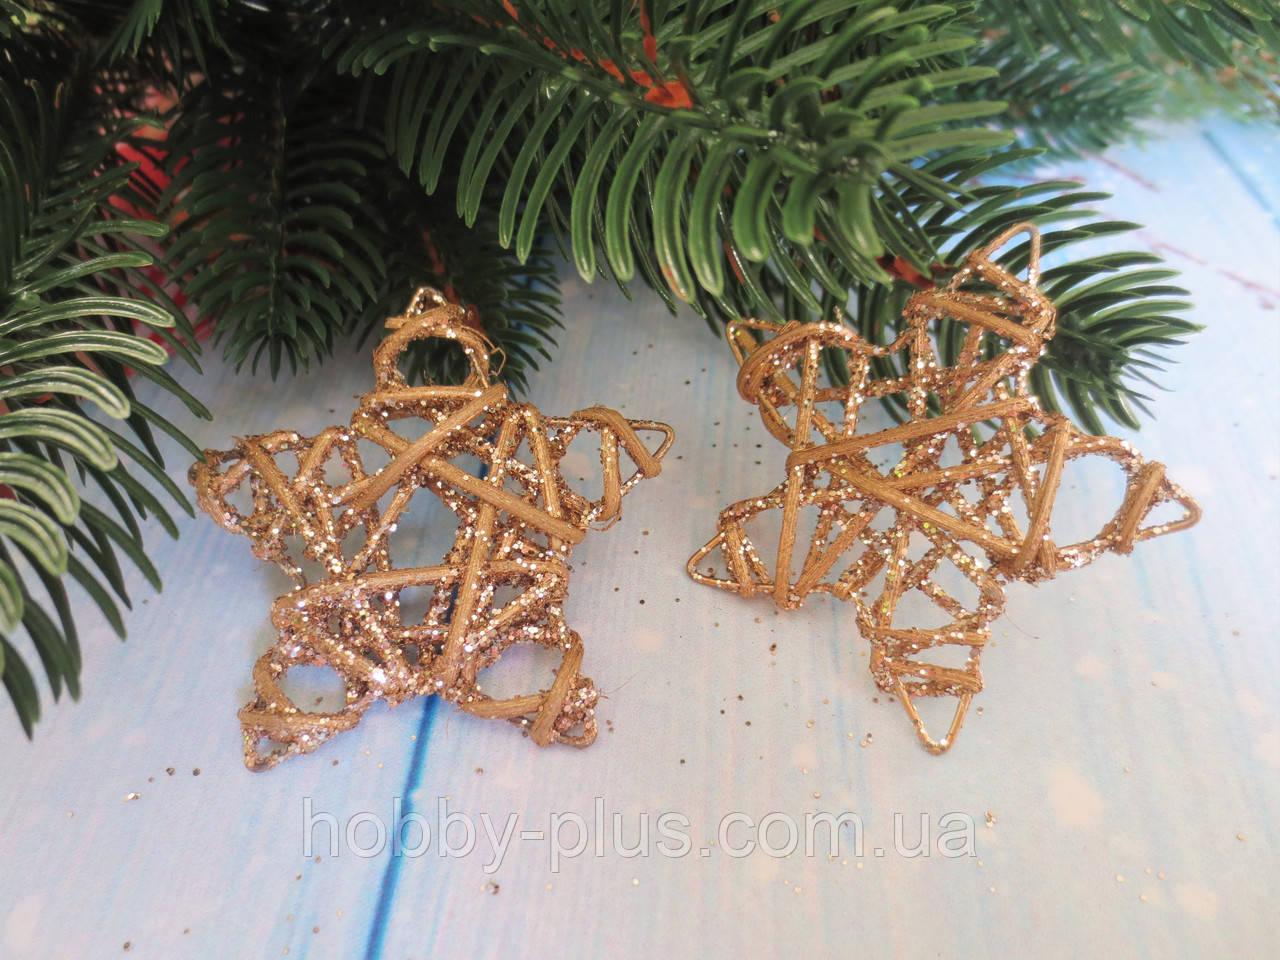 Новогодний декор, звездочка из лозы в глиттере, d-45 мм, цвет золото, 1шт.